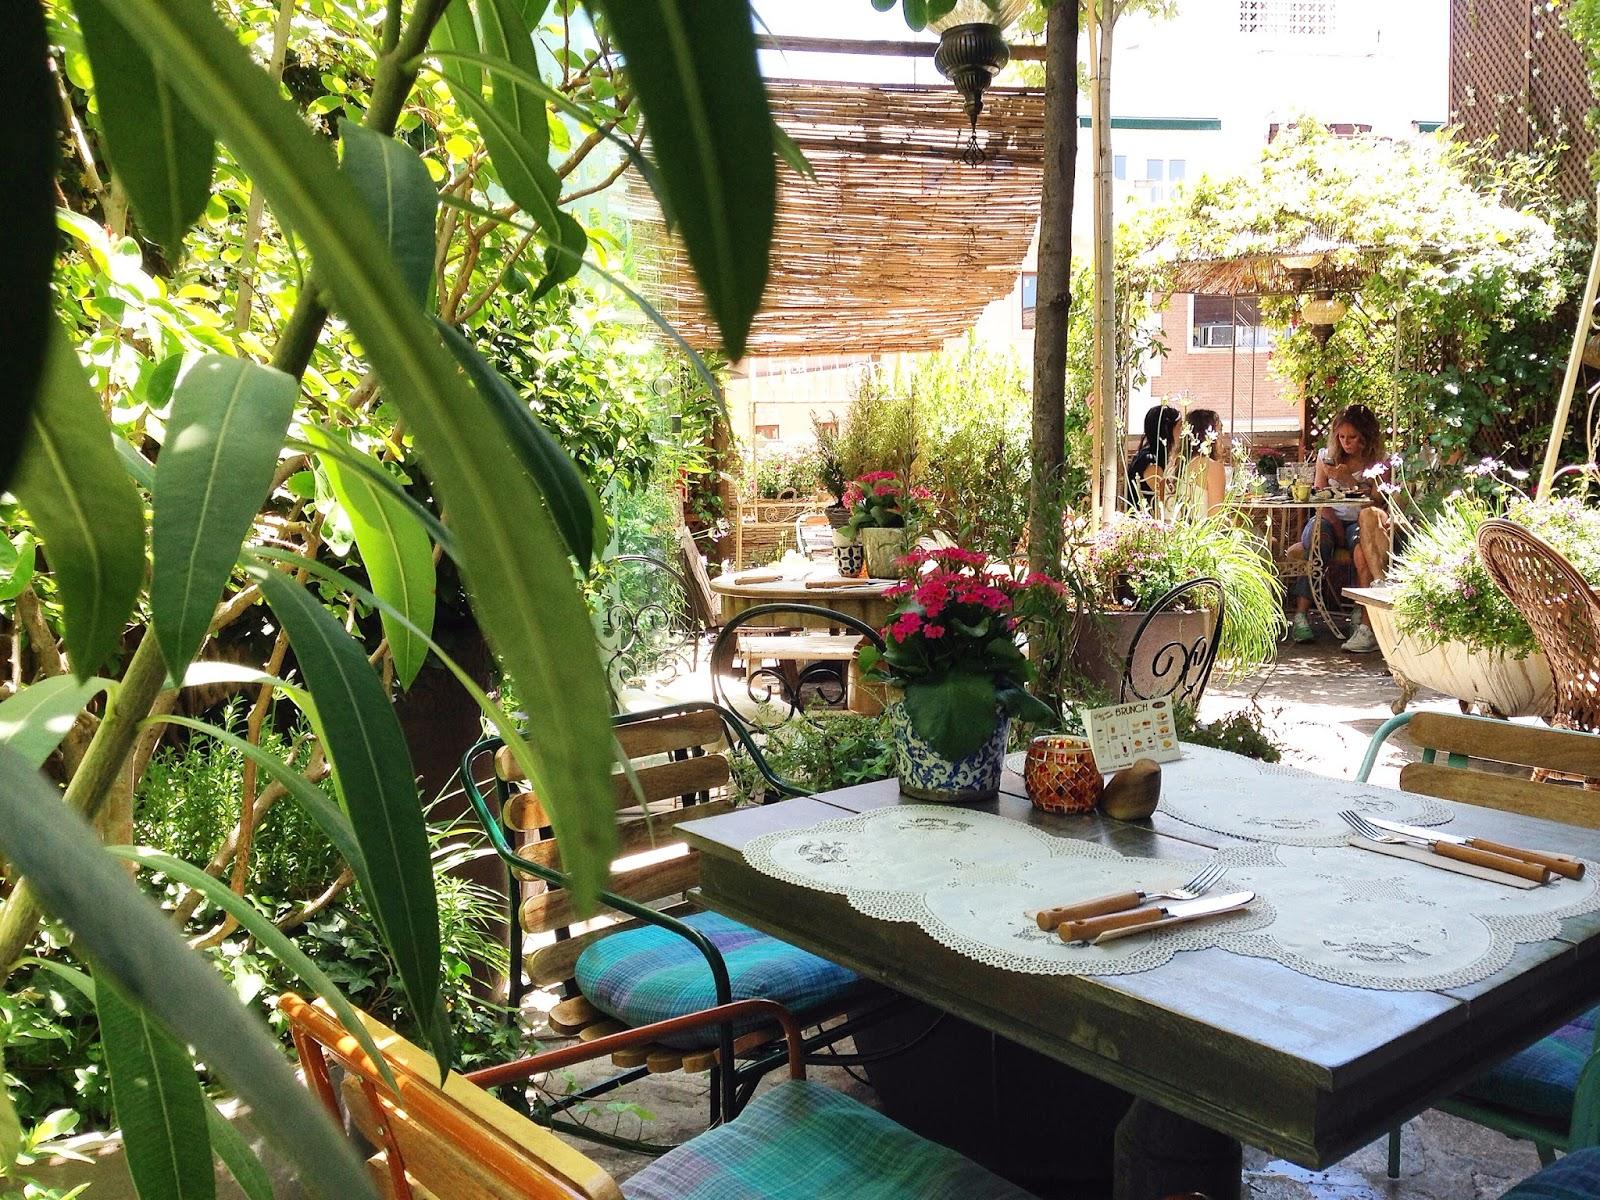 Redescubriendo mi ciudad el jardin secreto de sb for Salvador bachiller jardin secreto